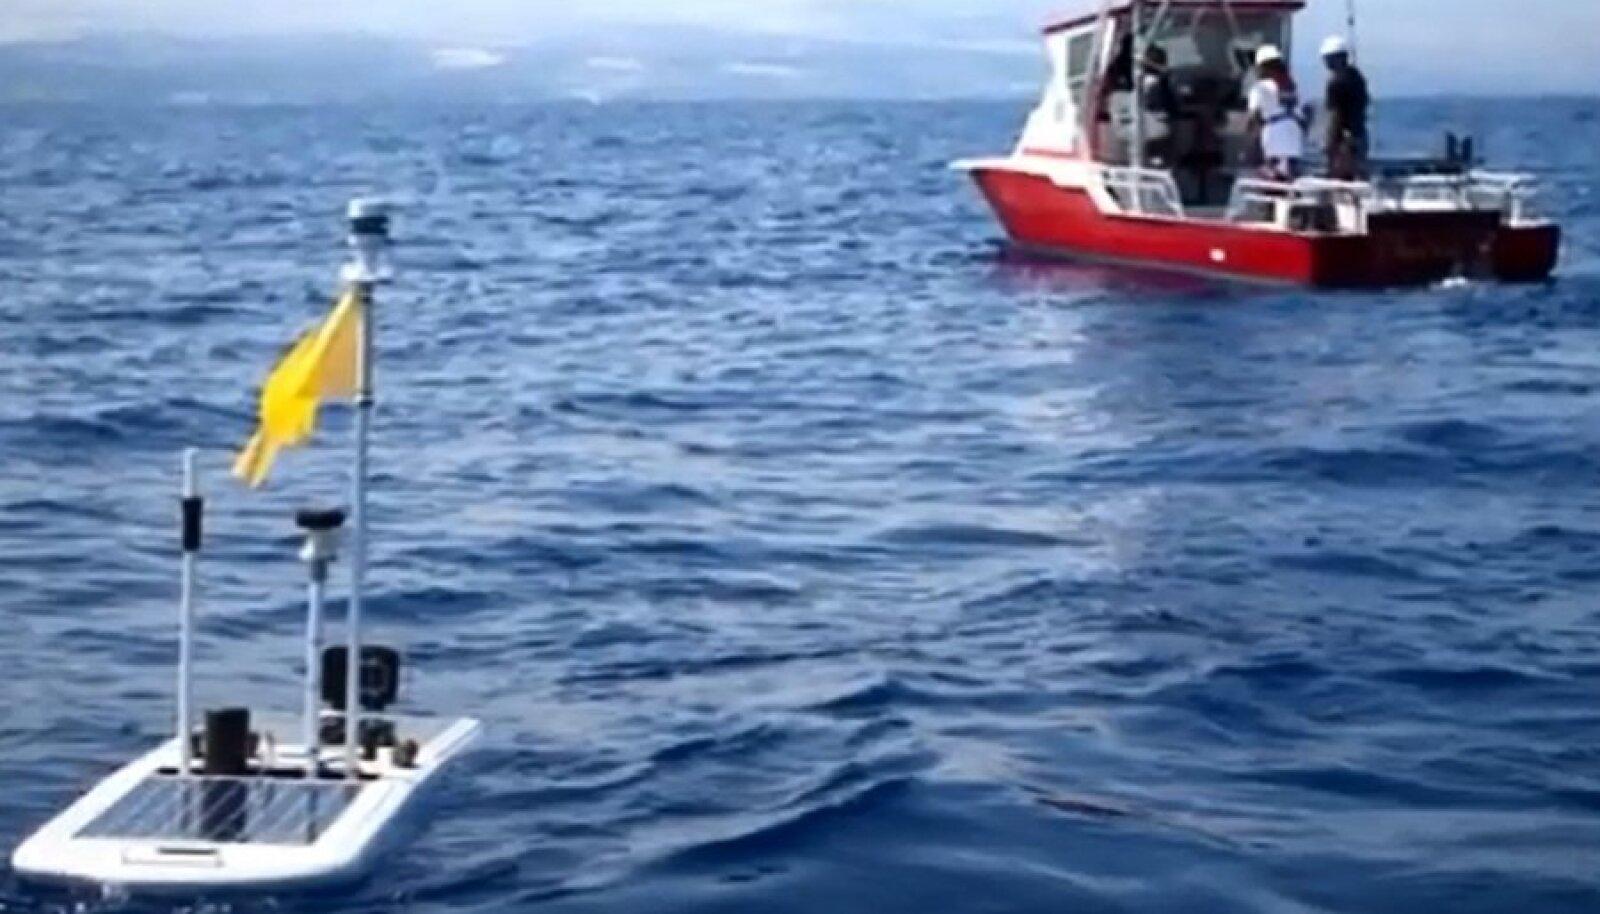 Üle ookeani sõitnud lainelauarobot